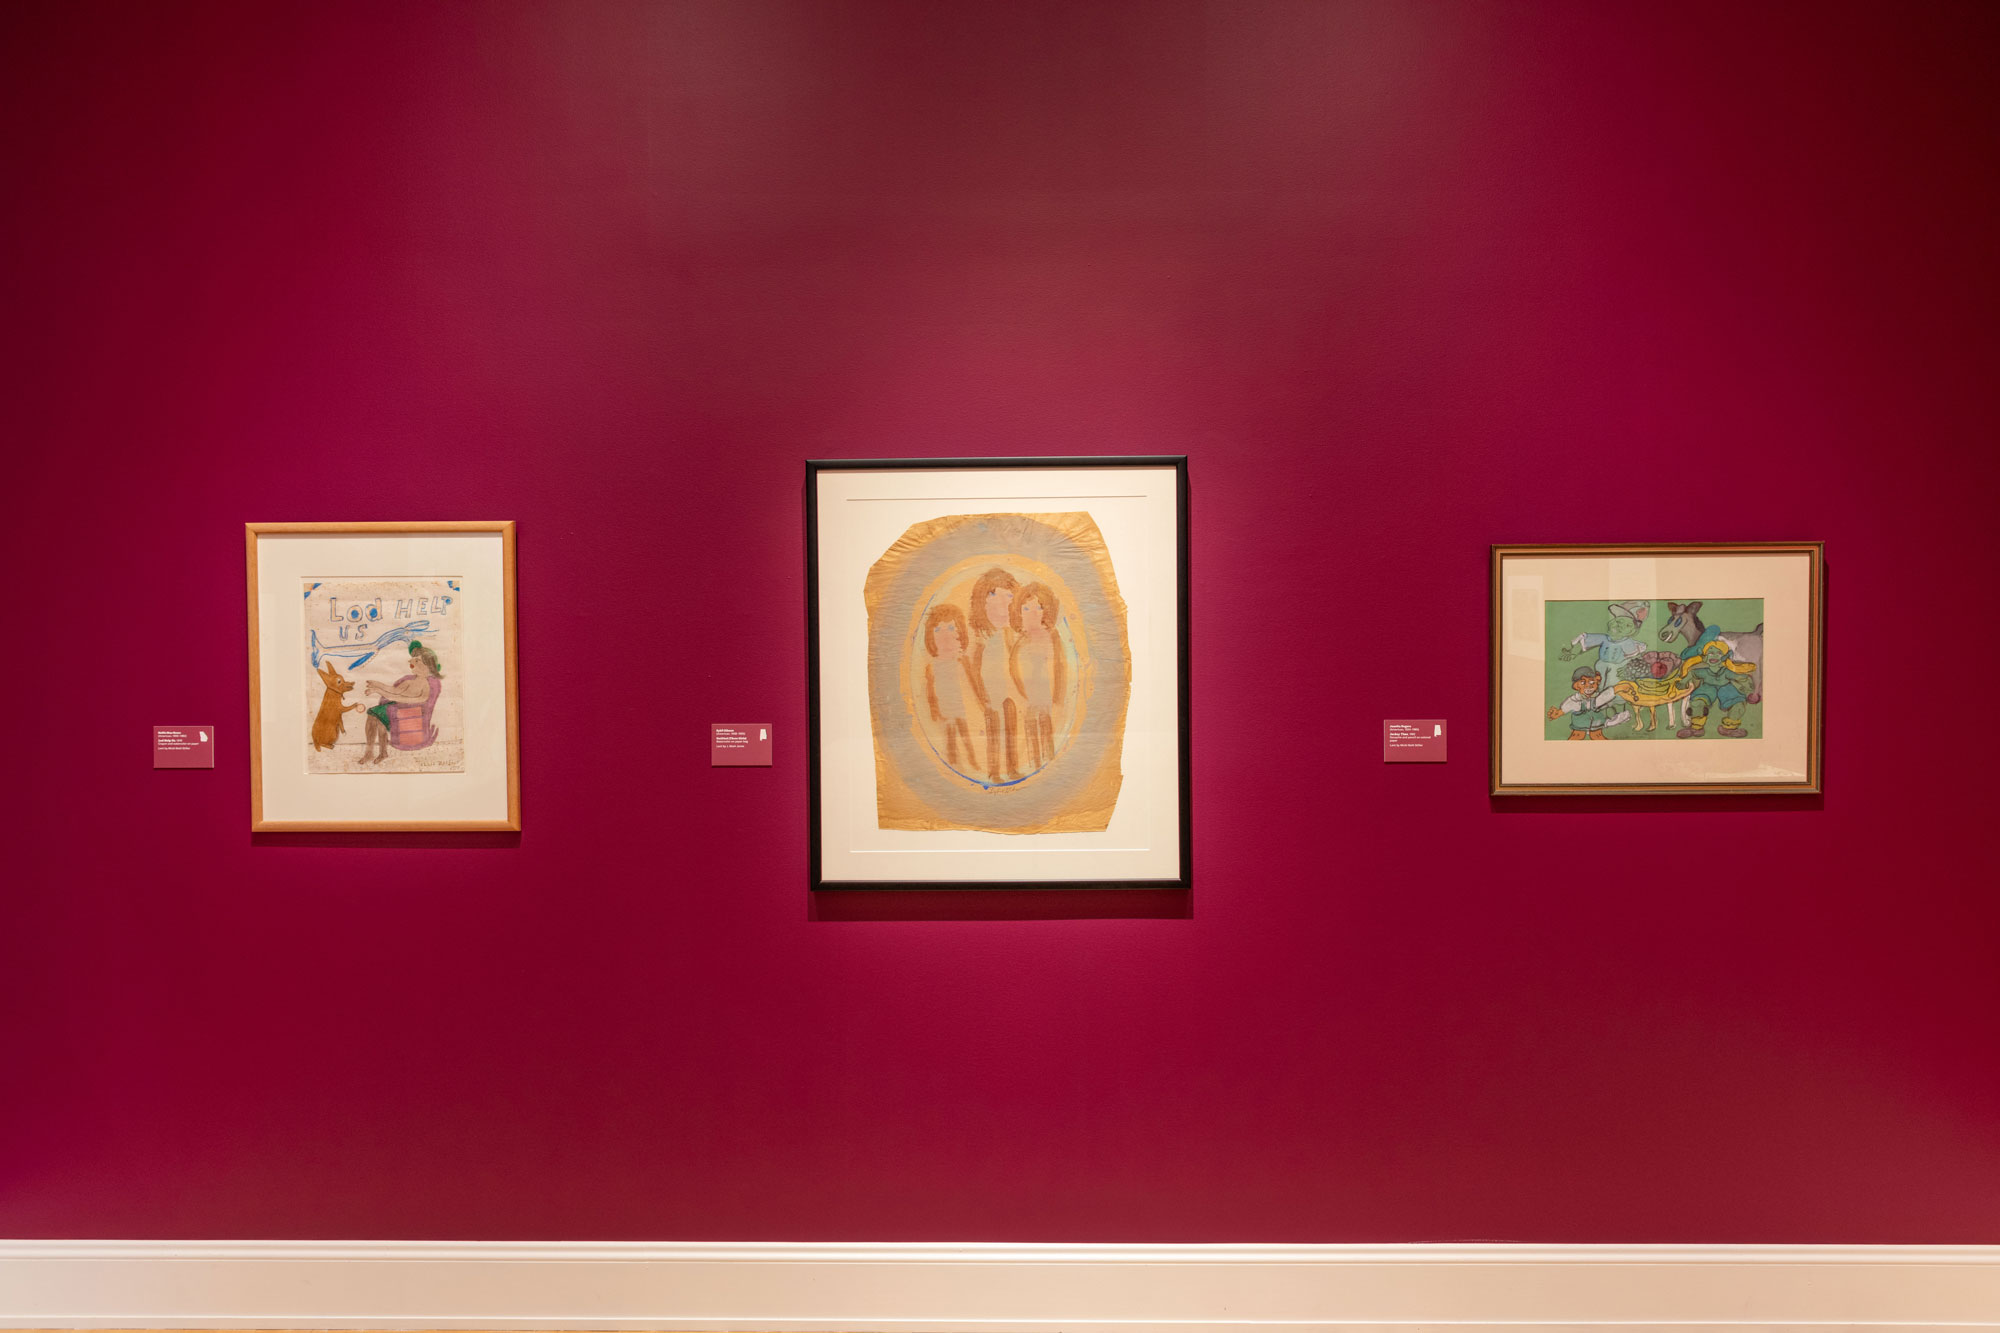 Gallery installation of folk art